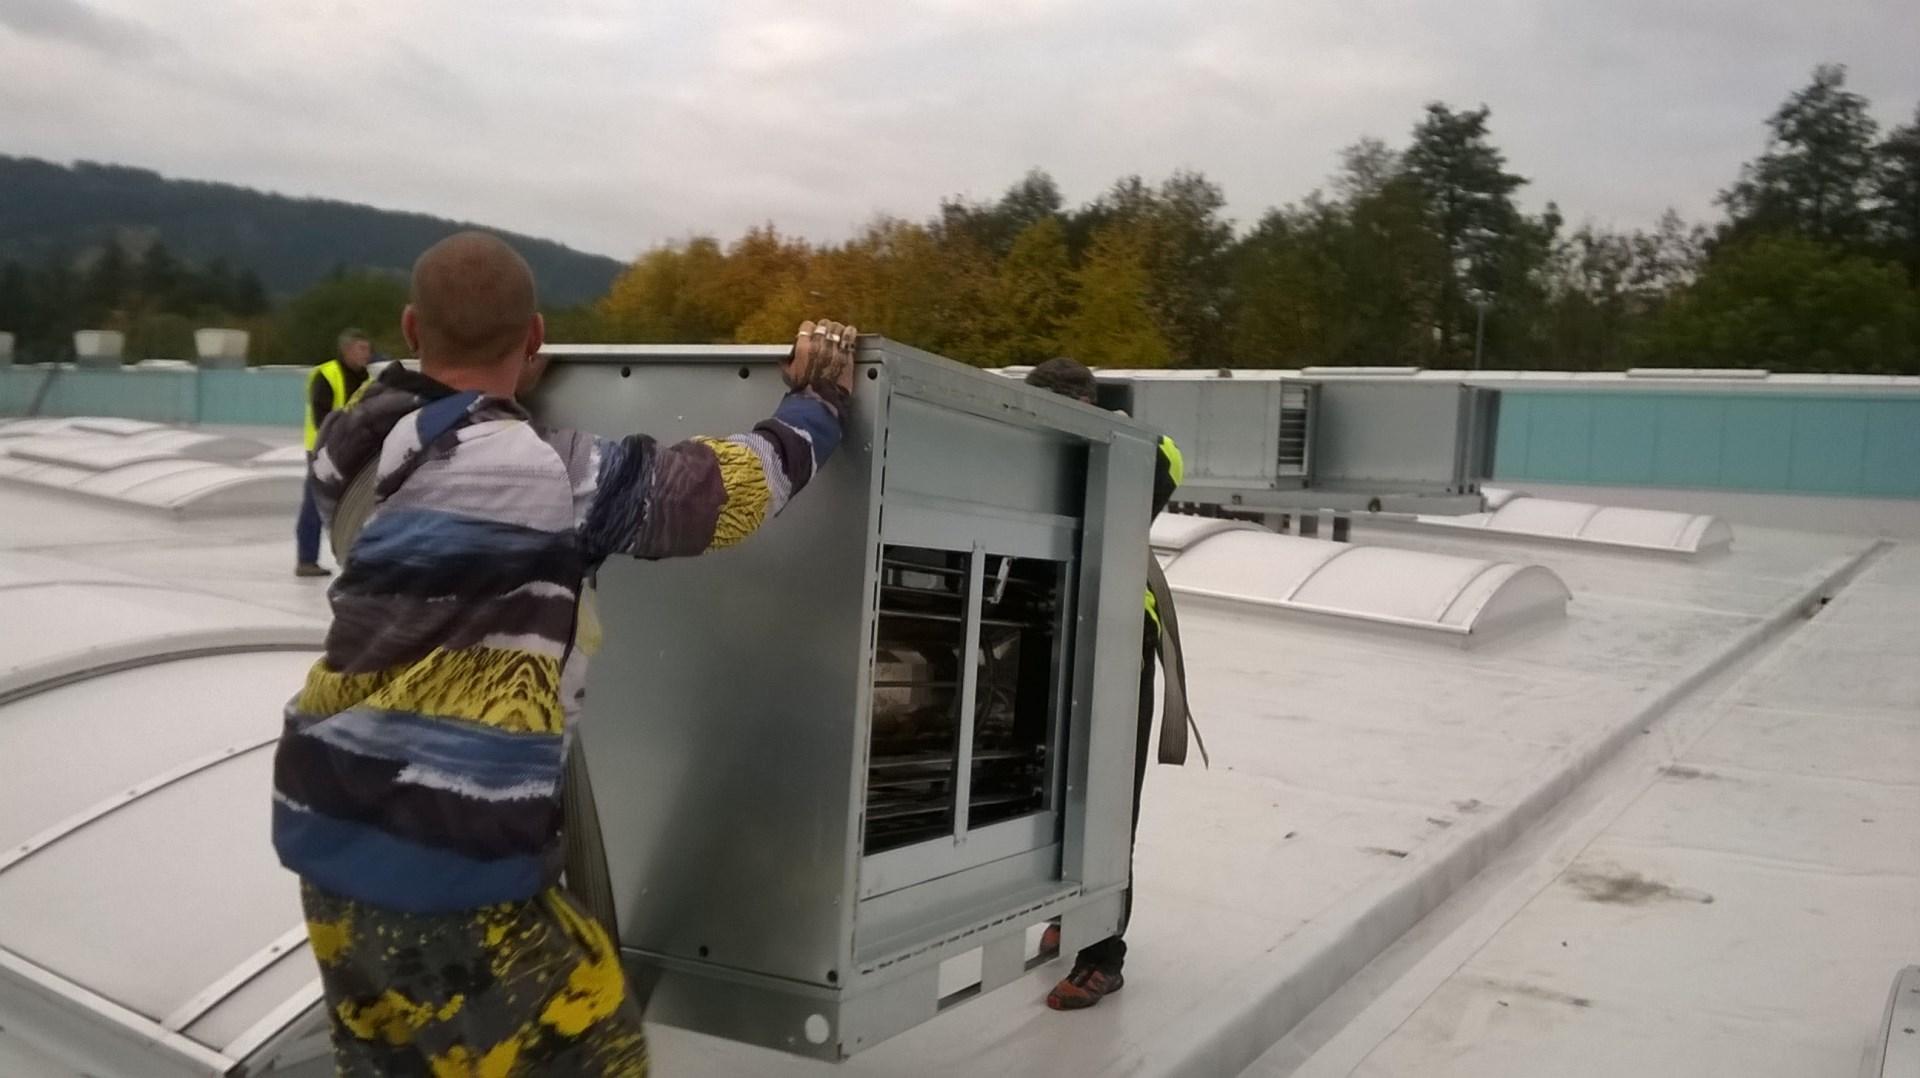 Stěhování Brno - stěhování klimatizace